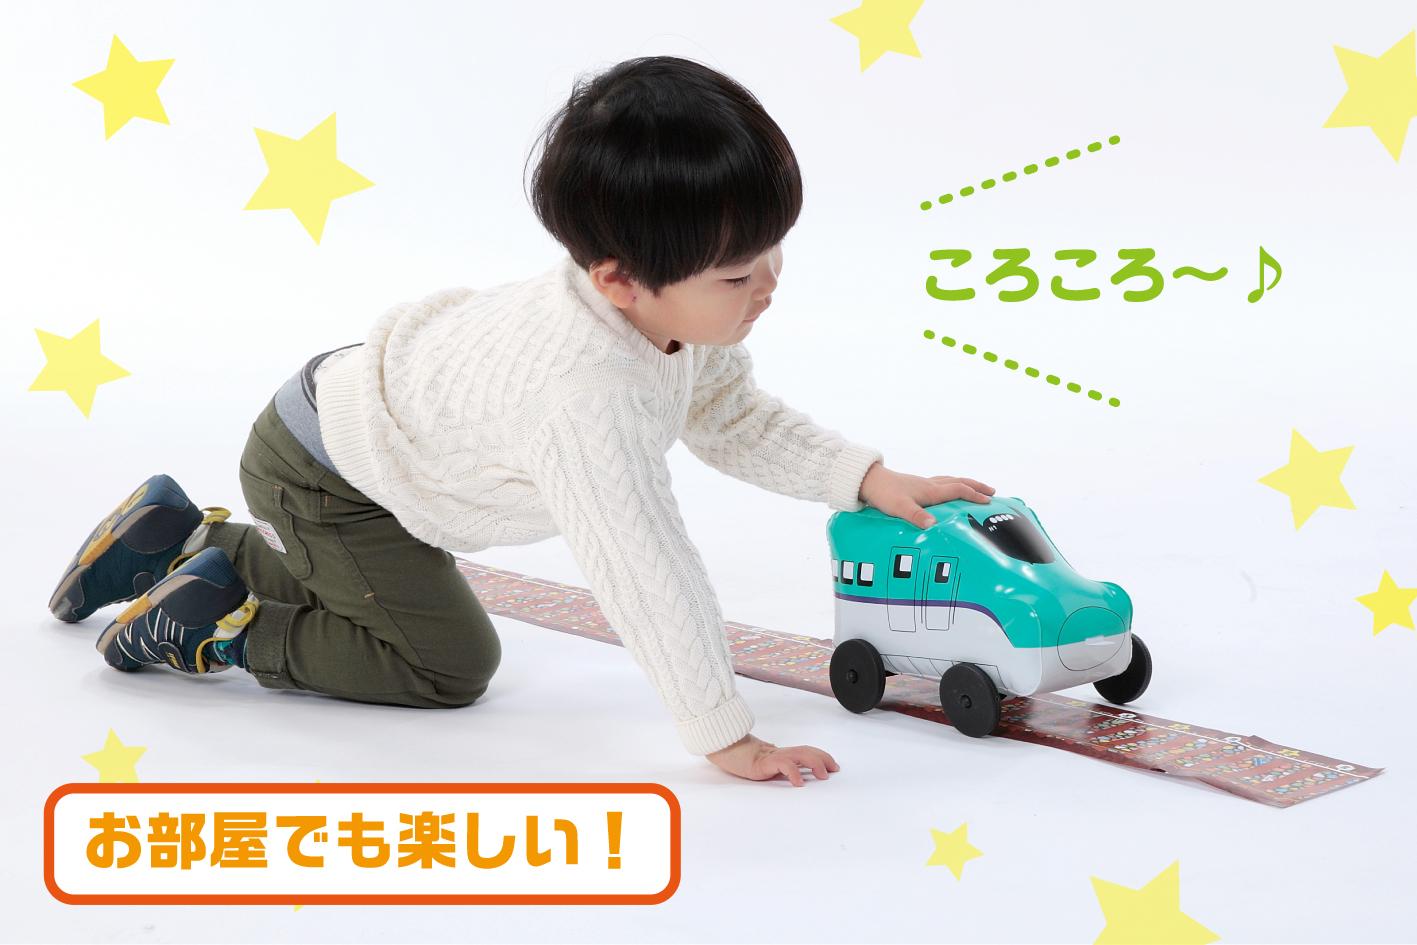 「コロぷか新幹線 H5けいはやぶさ お部屋でも楽しい」画像